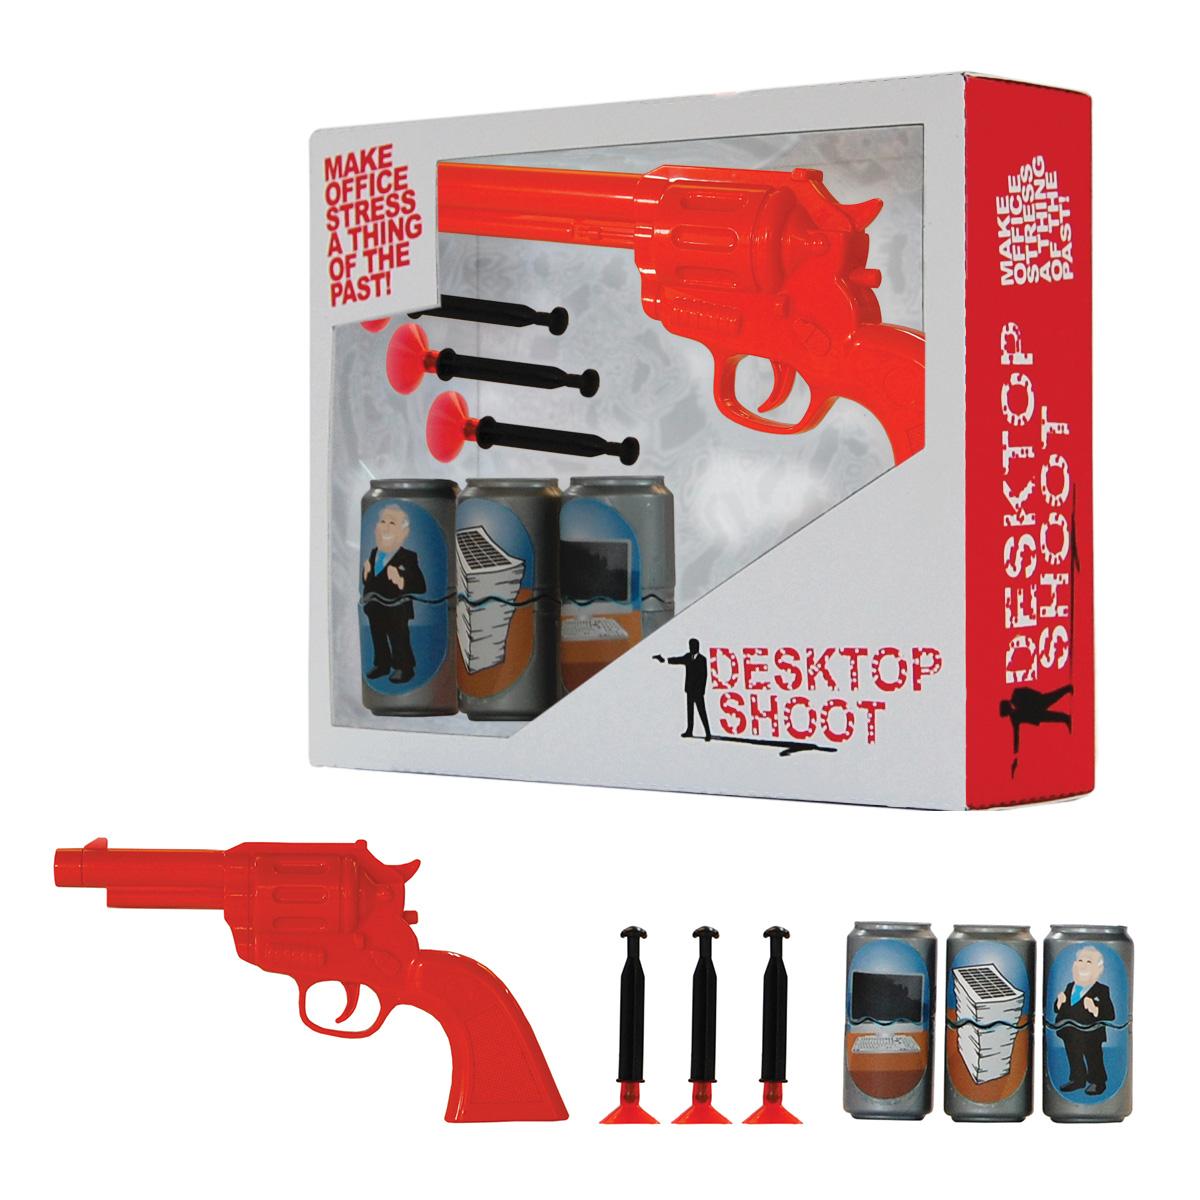 Le tir au pistolet un jeu de bureau qui met de l 39 ambiance au travail r - Jeu de travail au bureau ...